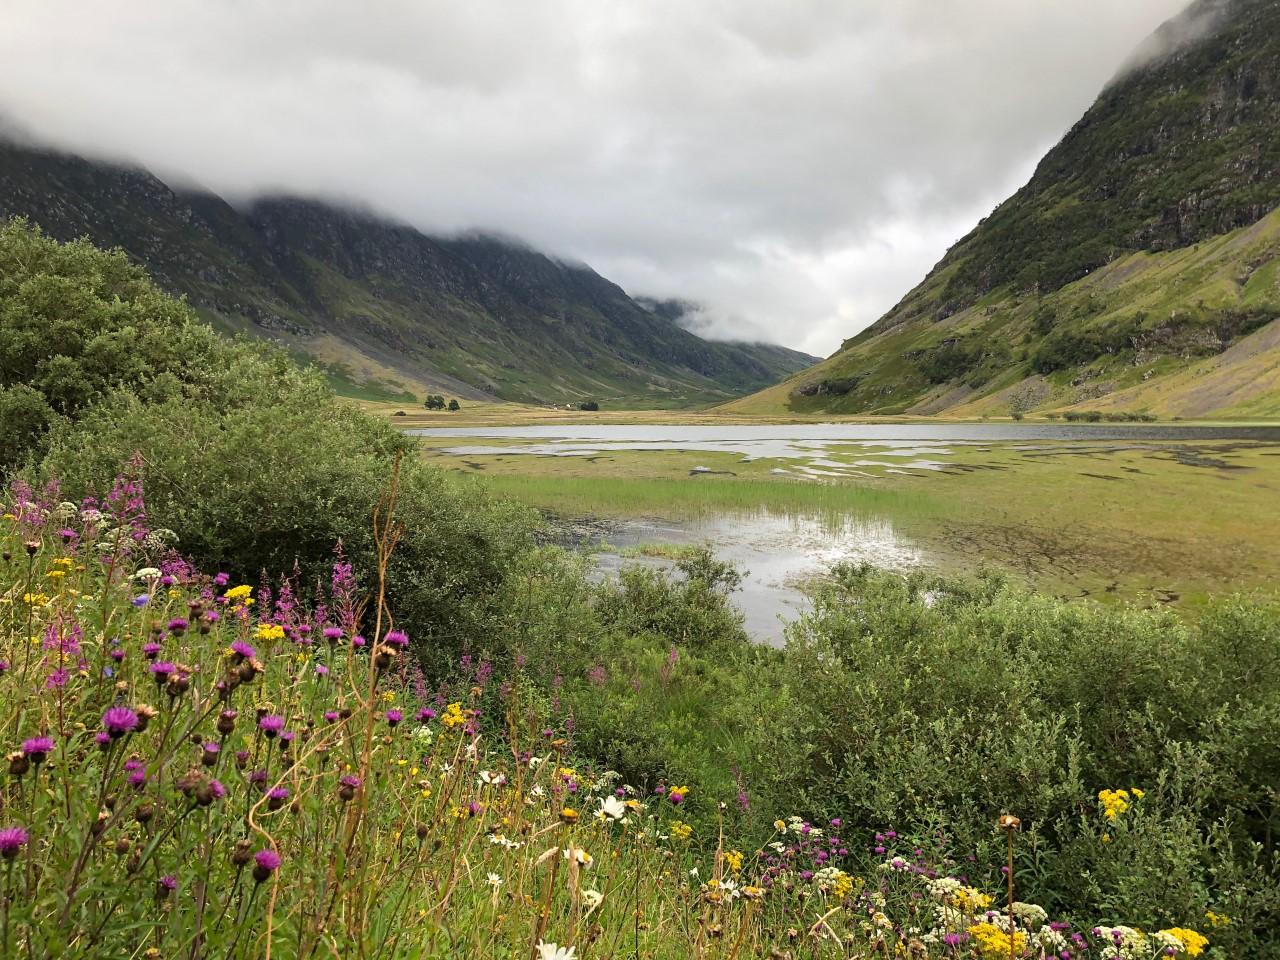 Un des nombreux paysages quasi surnaturels de Glencoe. Photo: Marie-Julie Gagnon